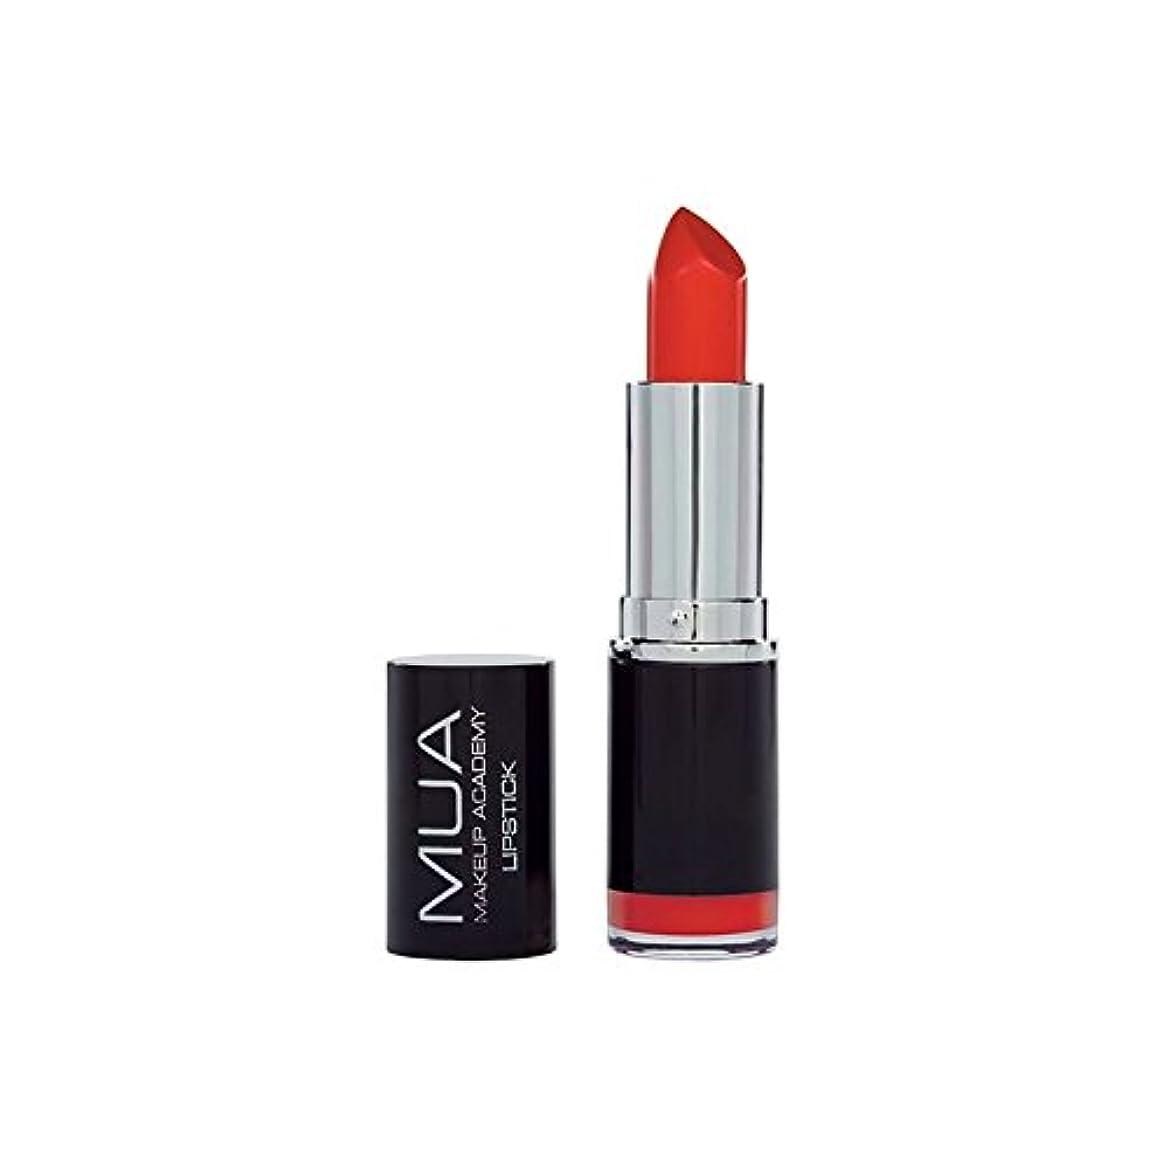 吸収剤鎖どきどきの口紅 - サンゴフラッシュ x2 - MUA Lipstick - Coral Flush (Pack of 2) [並行輸入品]